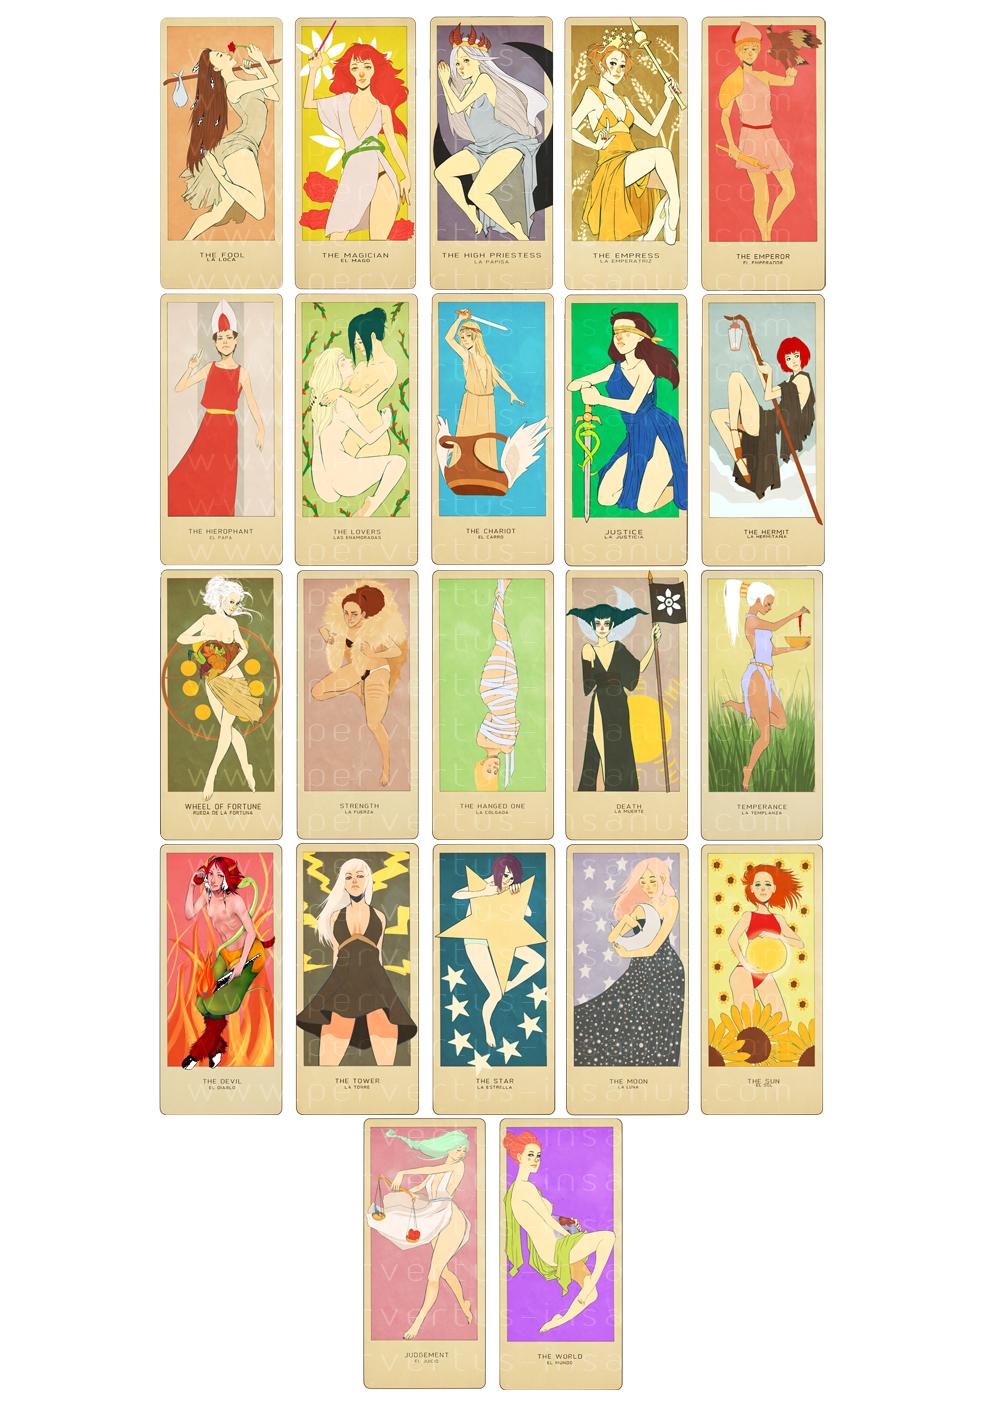 Major Arcana Tarot Card Meaning According To: Major Arcana By MMXII On DeviantArt